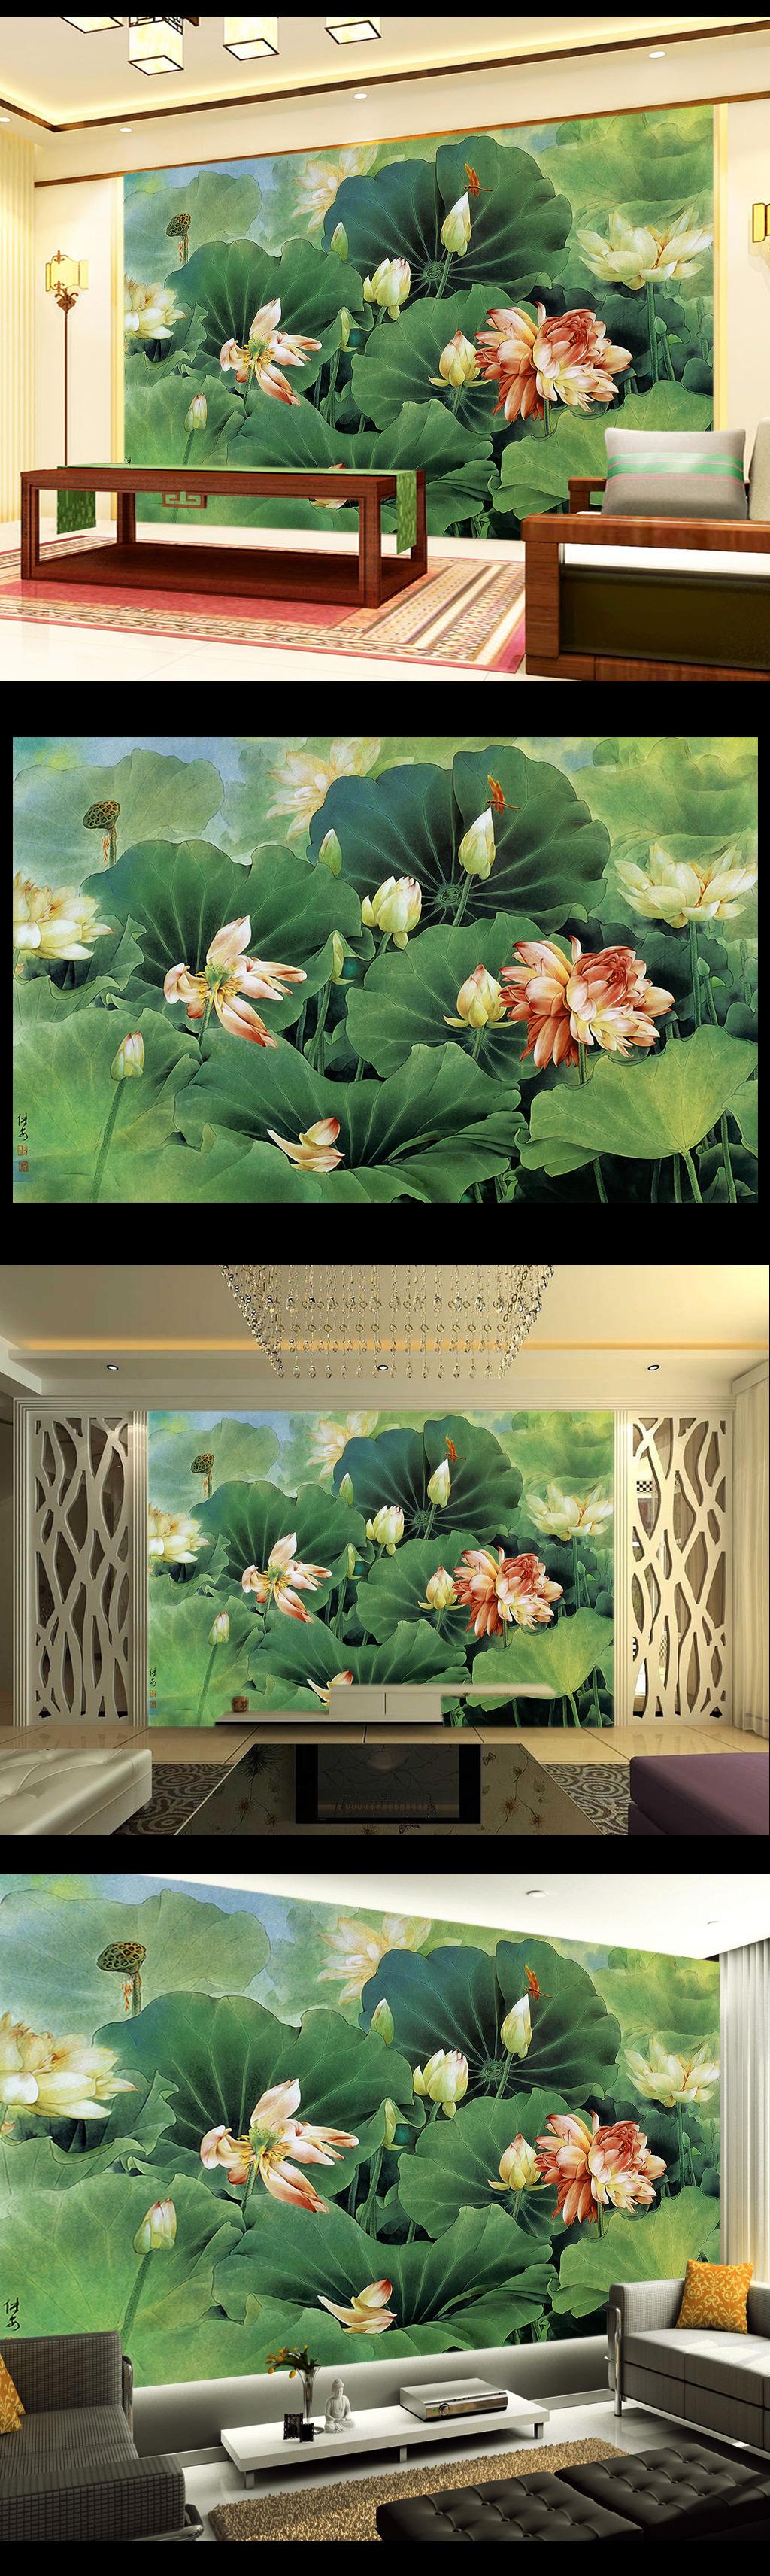 唯美手绘油画荷塘荷花电视背景墙